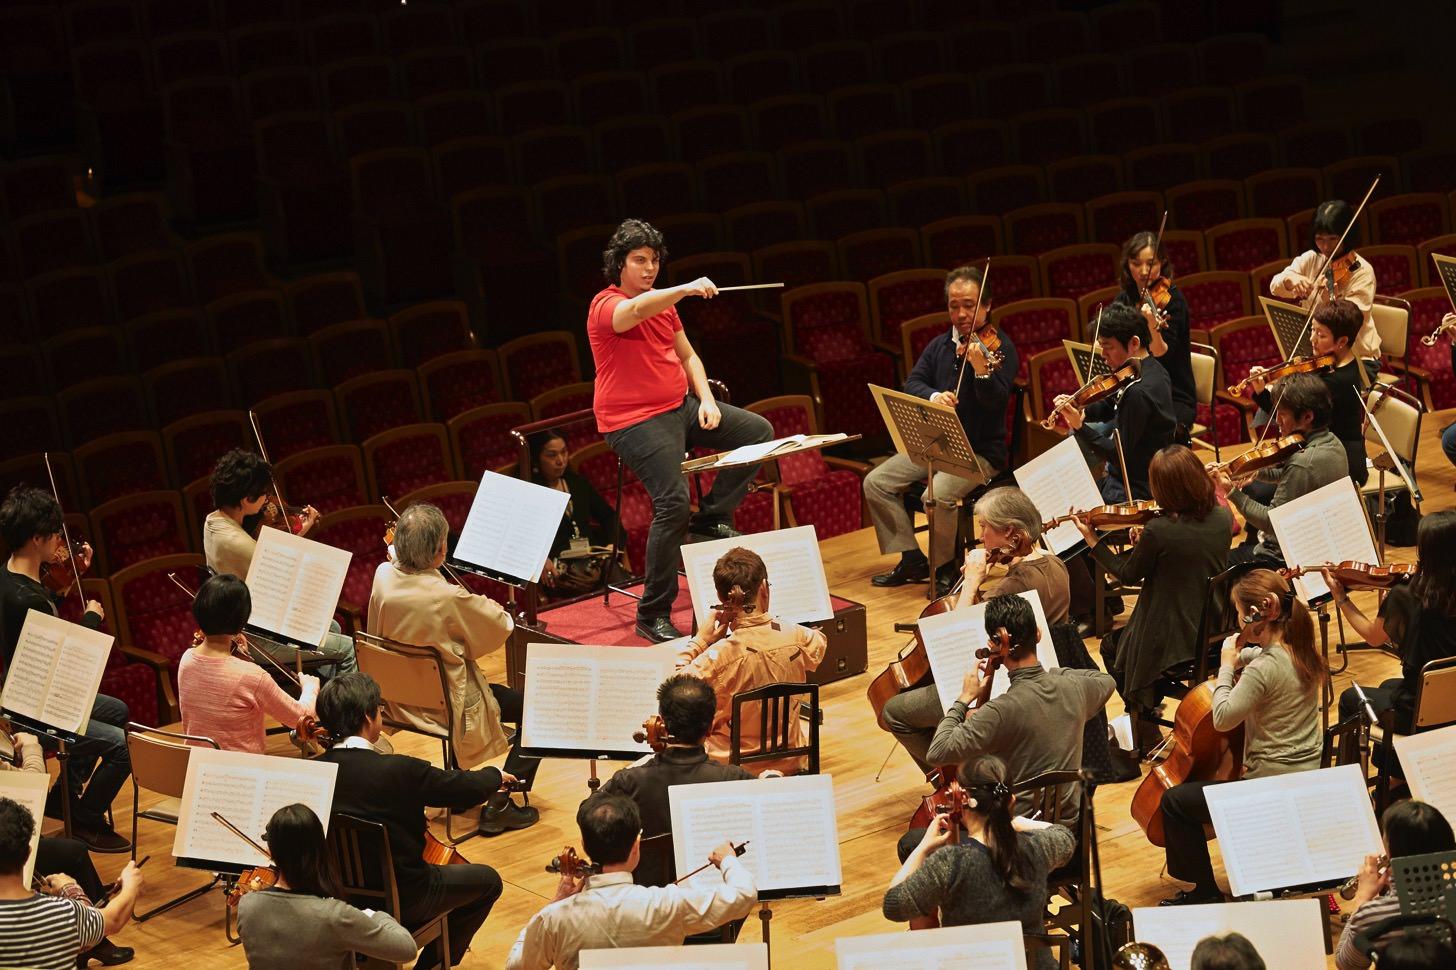 アンドレア・バッティストーニさんと東京フィルハーモニー交響楽団